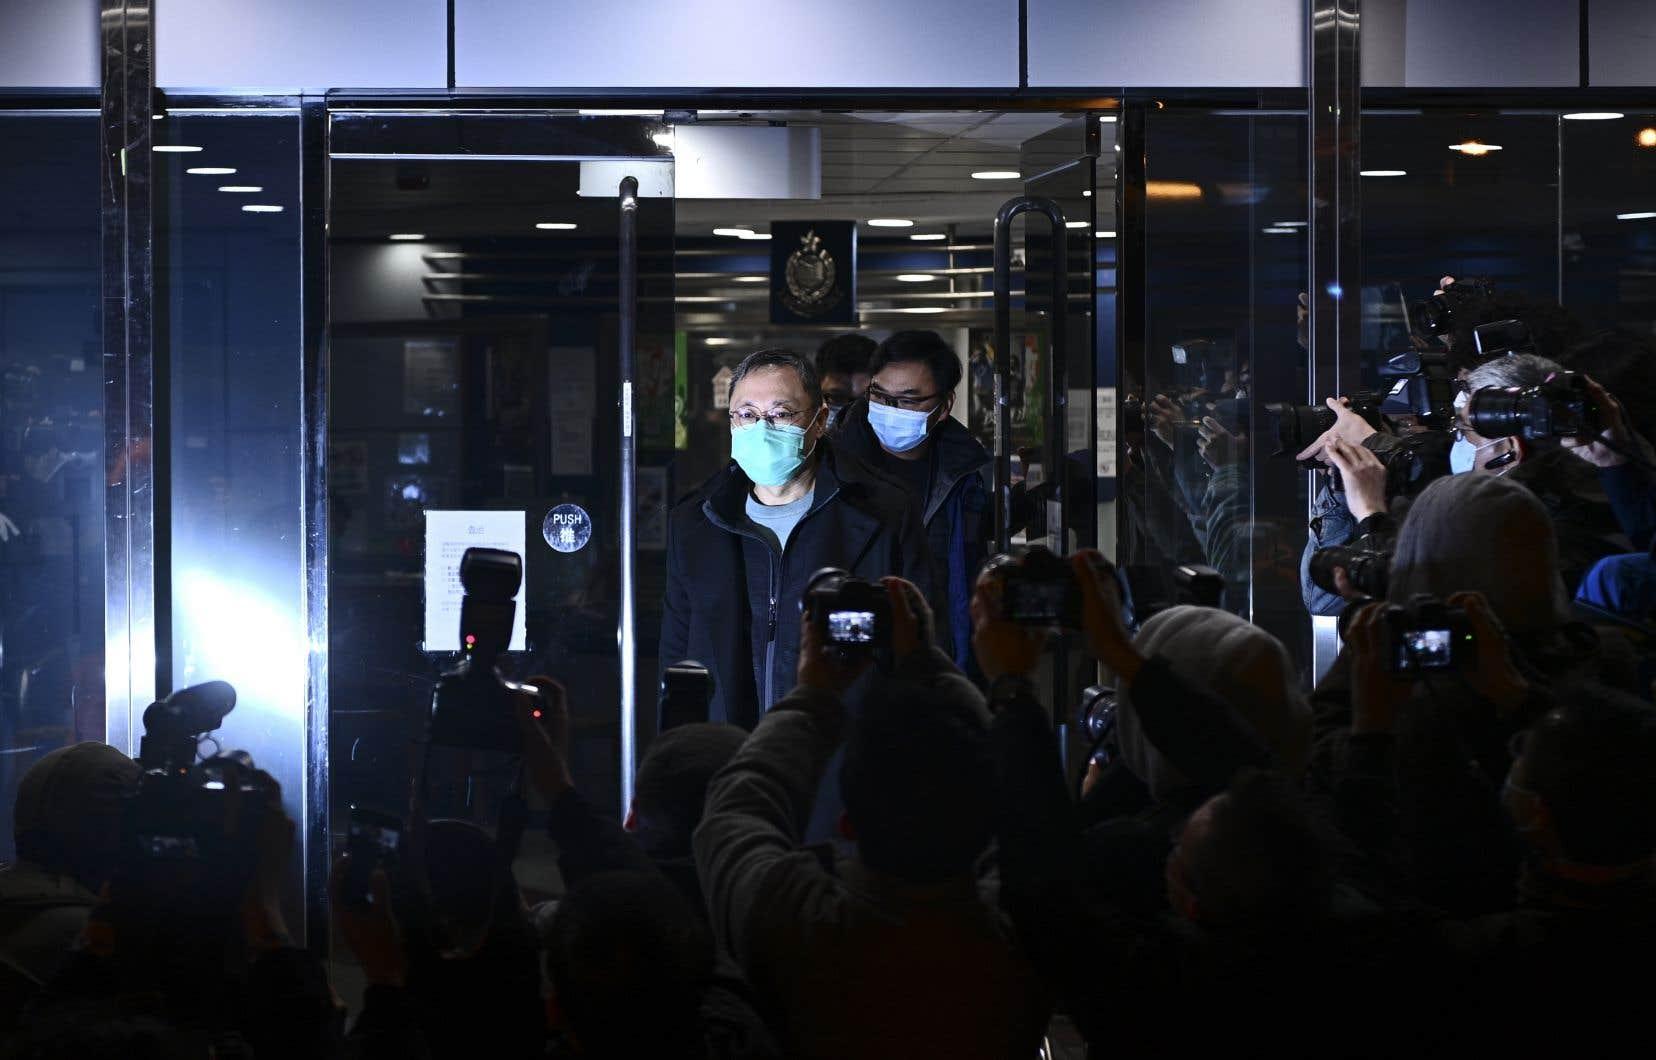 La nouvelle législation imposée fin juin par Pékin à Hong Kong vise à mettre fin au vaste mouvement de contestation qui a ébranlé en 2019 ce territoire.